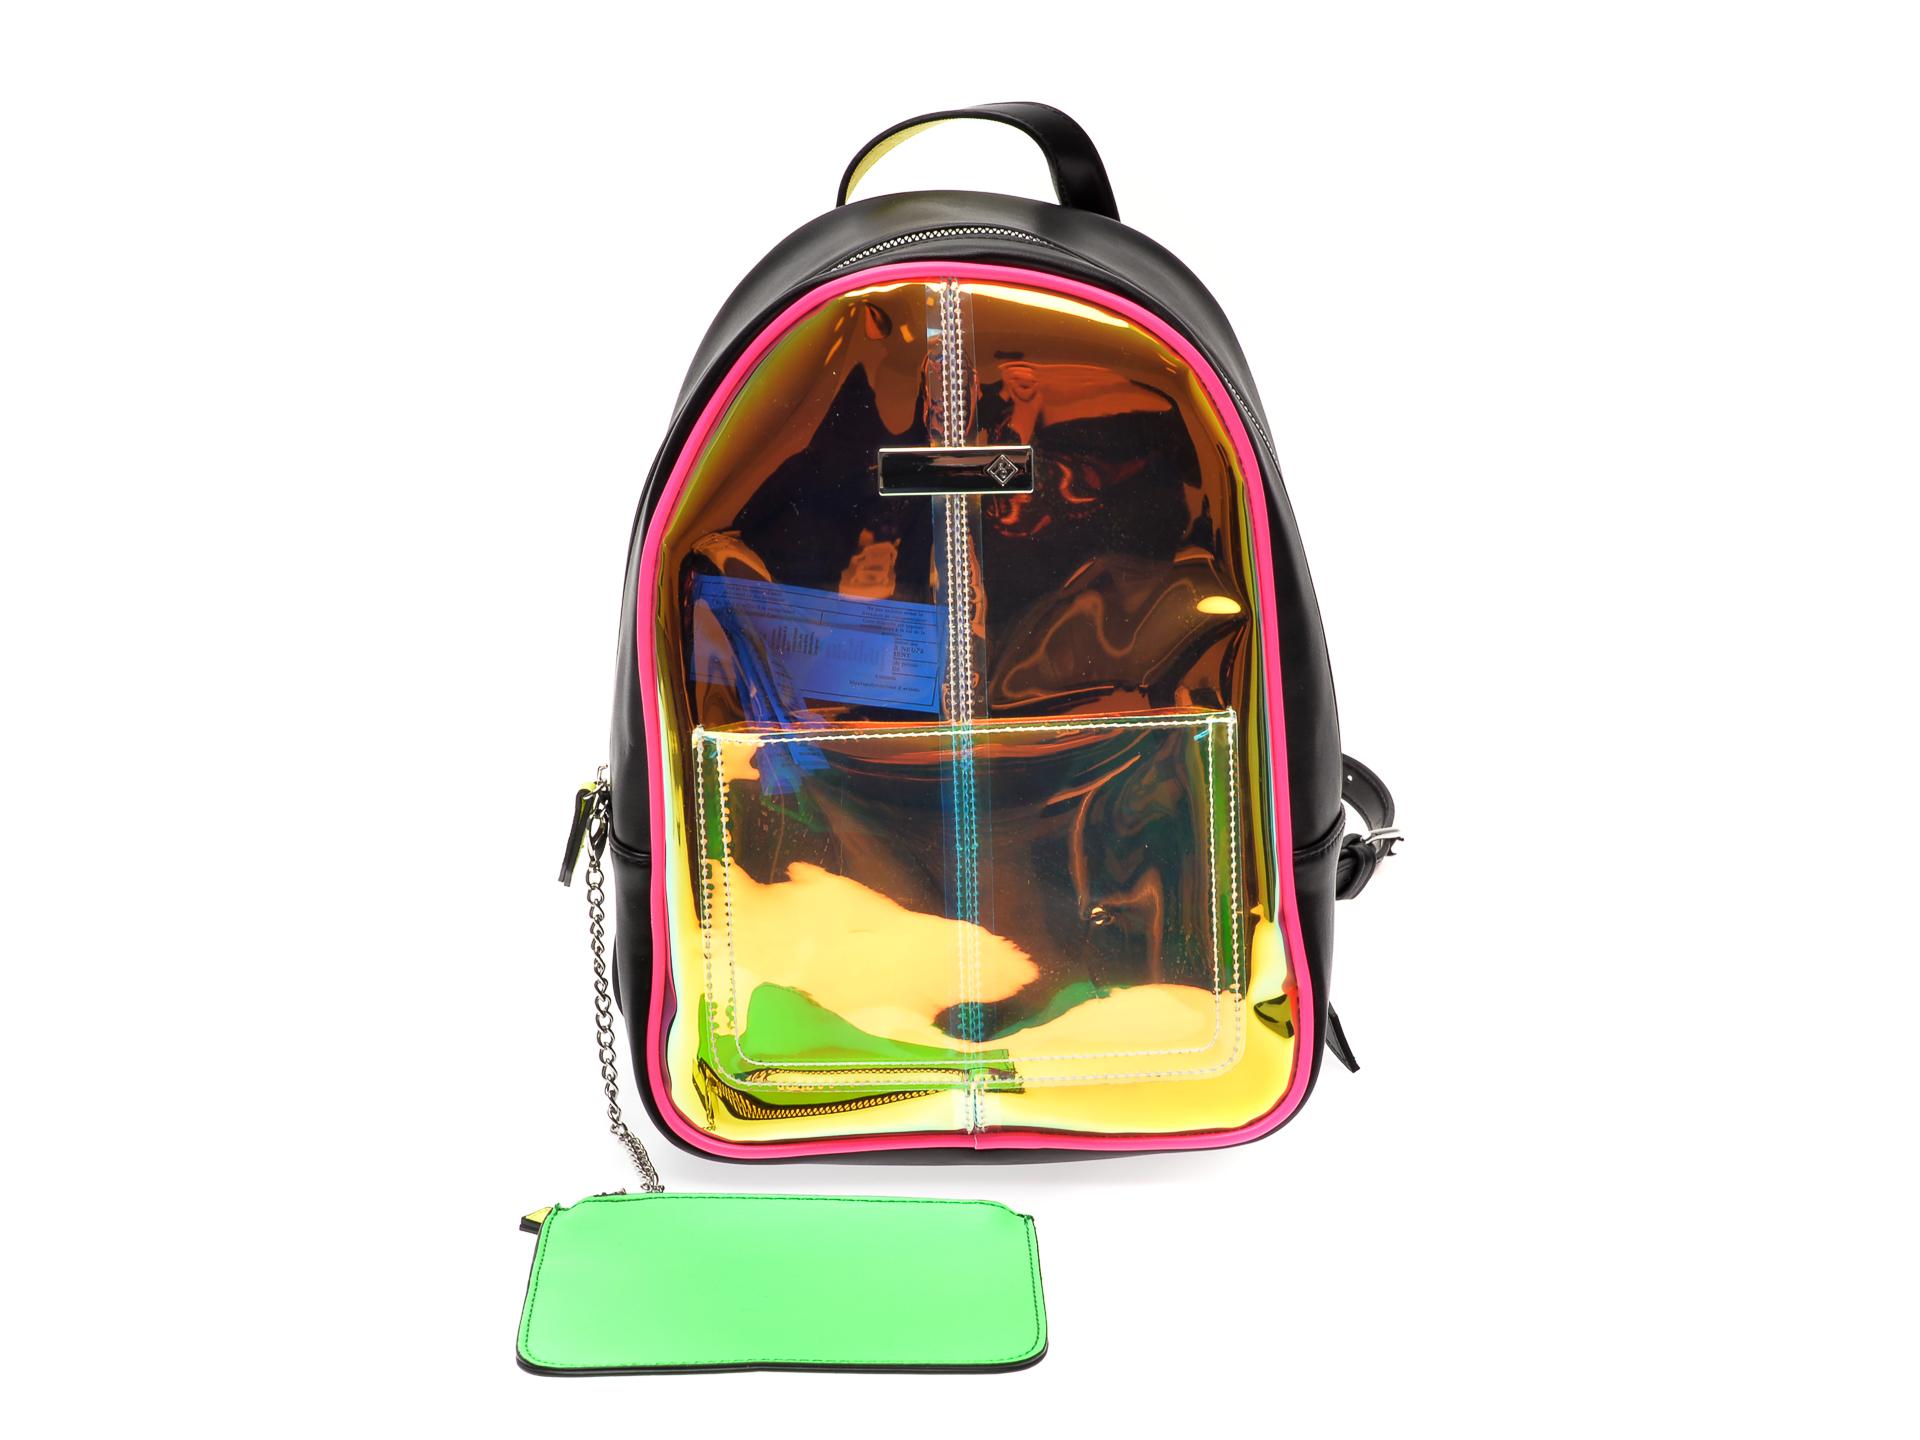 Rucsac CALL IT SPRING multicolor, GOAL962, din piele ecologica imagine